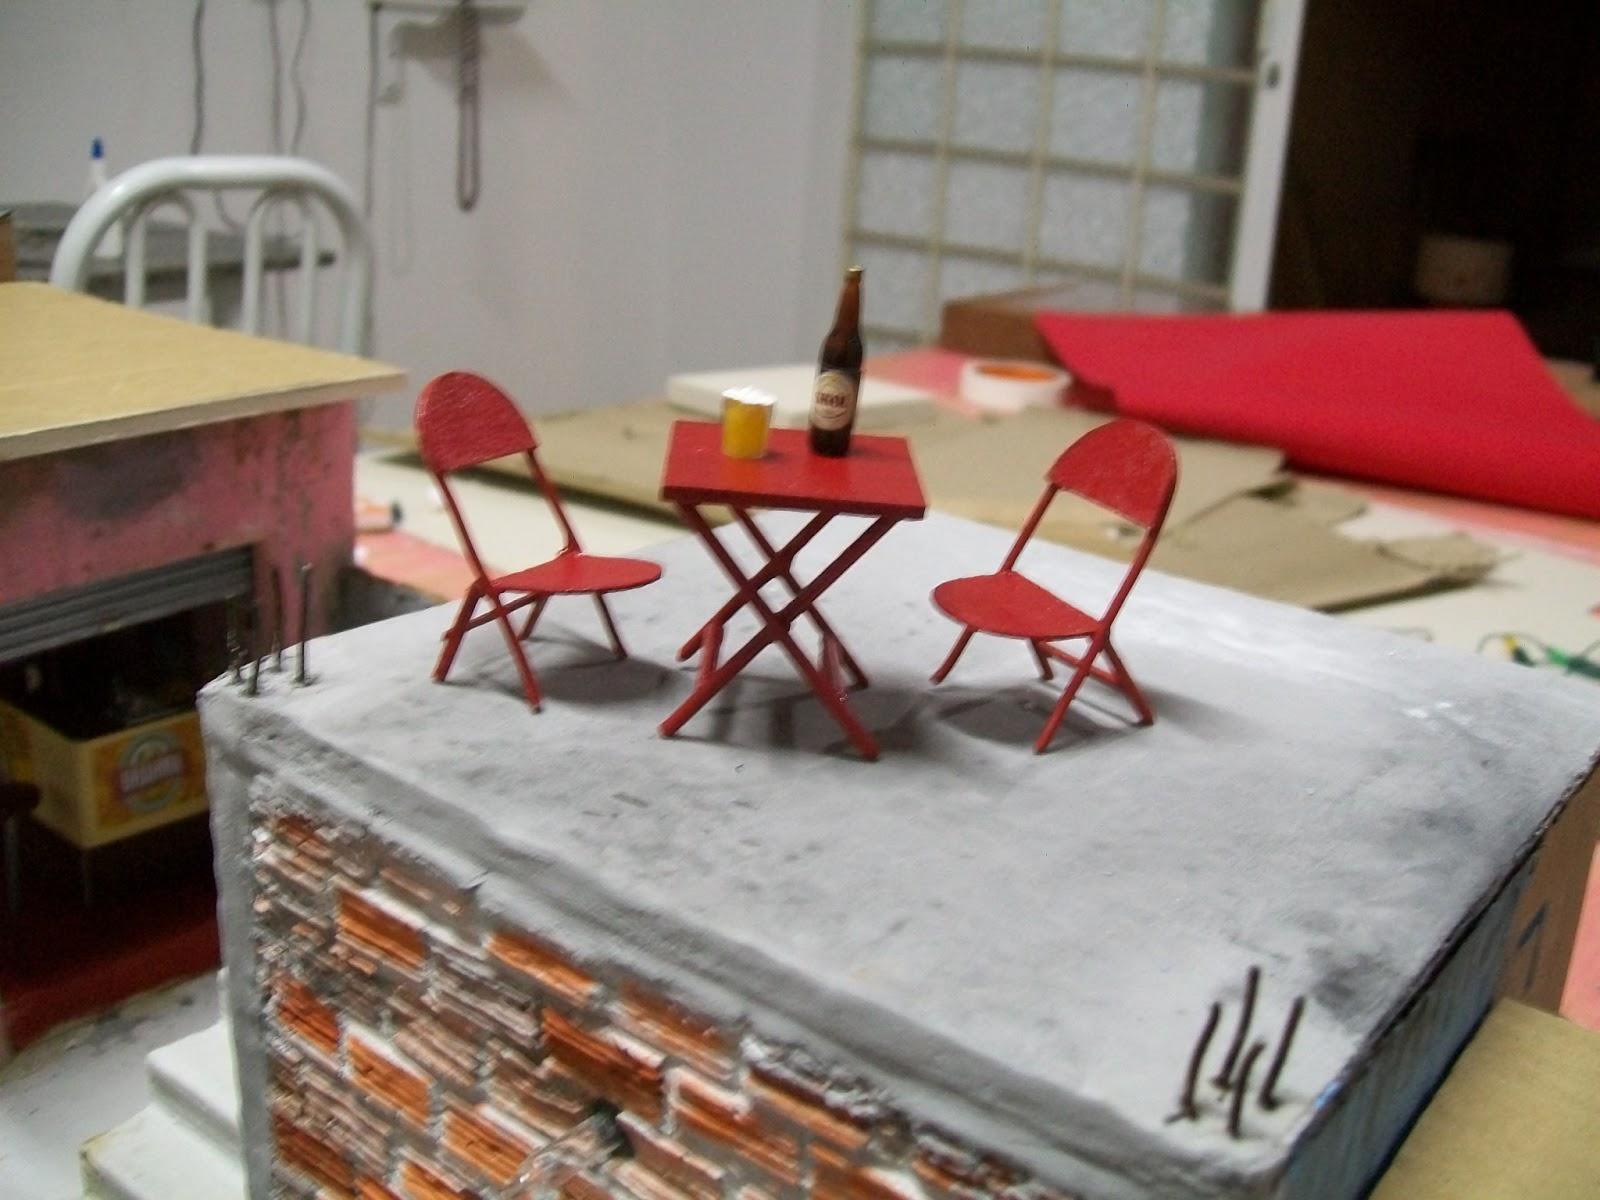 Fabuloso Casa do Imaginário : Como fazer uma Maquete de Favela DZ01